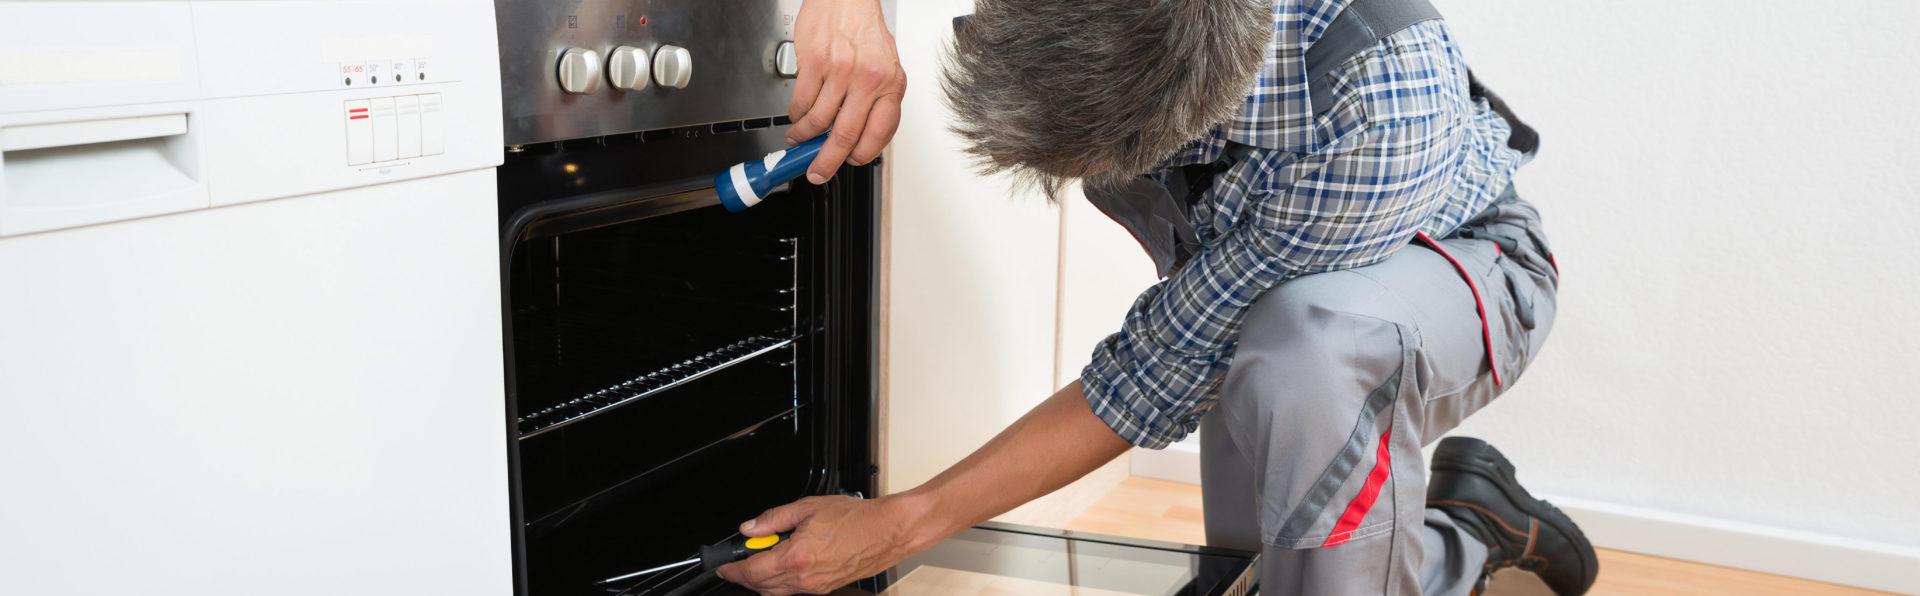 Servicio técnico de hornos